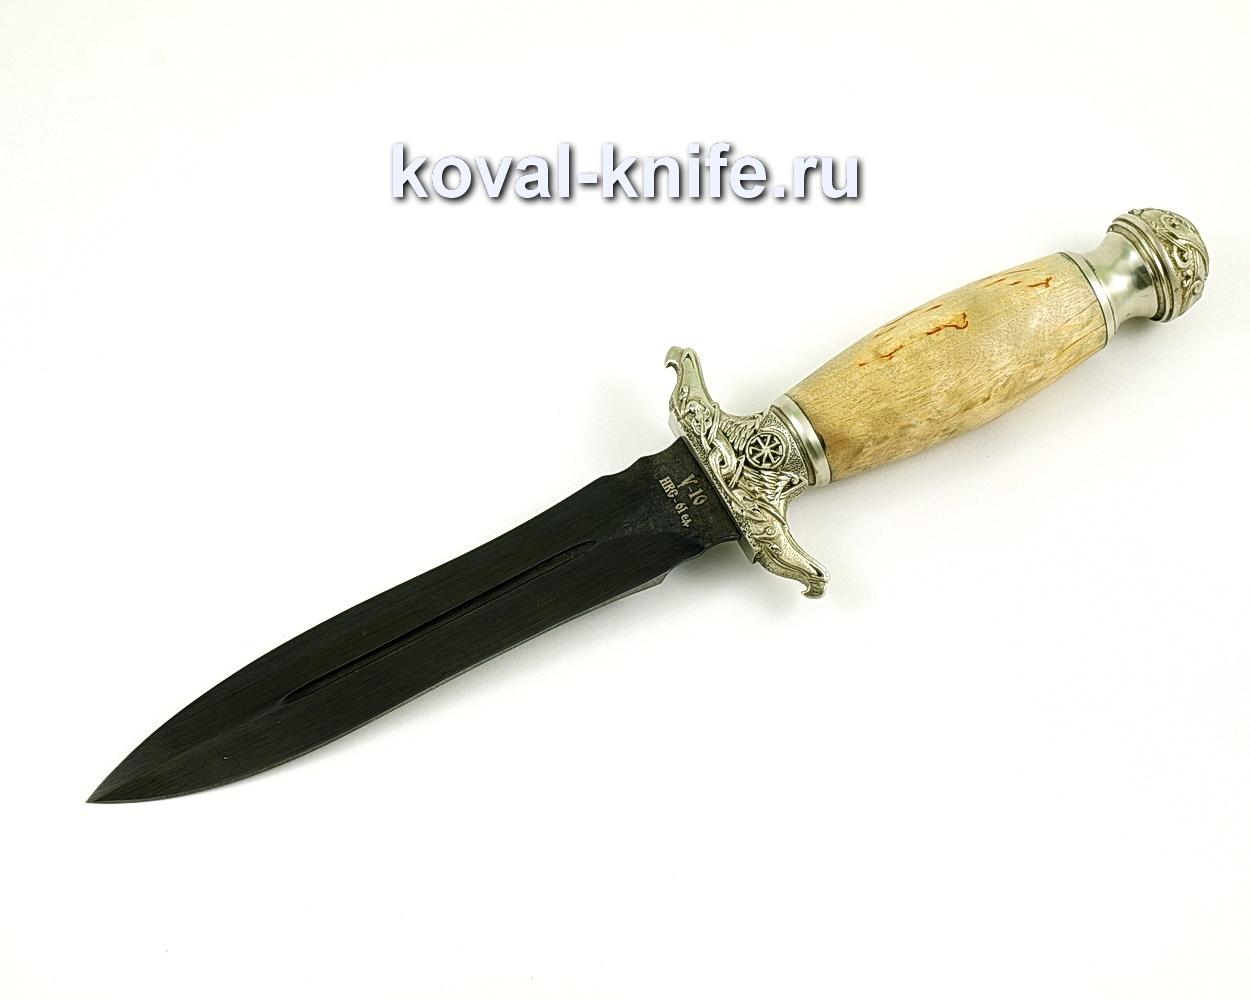 Нож Кардинал из кованой стали У10 (карельская береза, литье мельхиор)